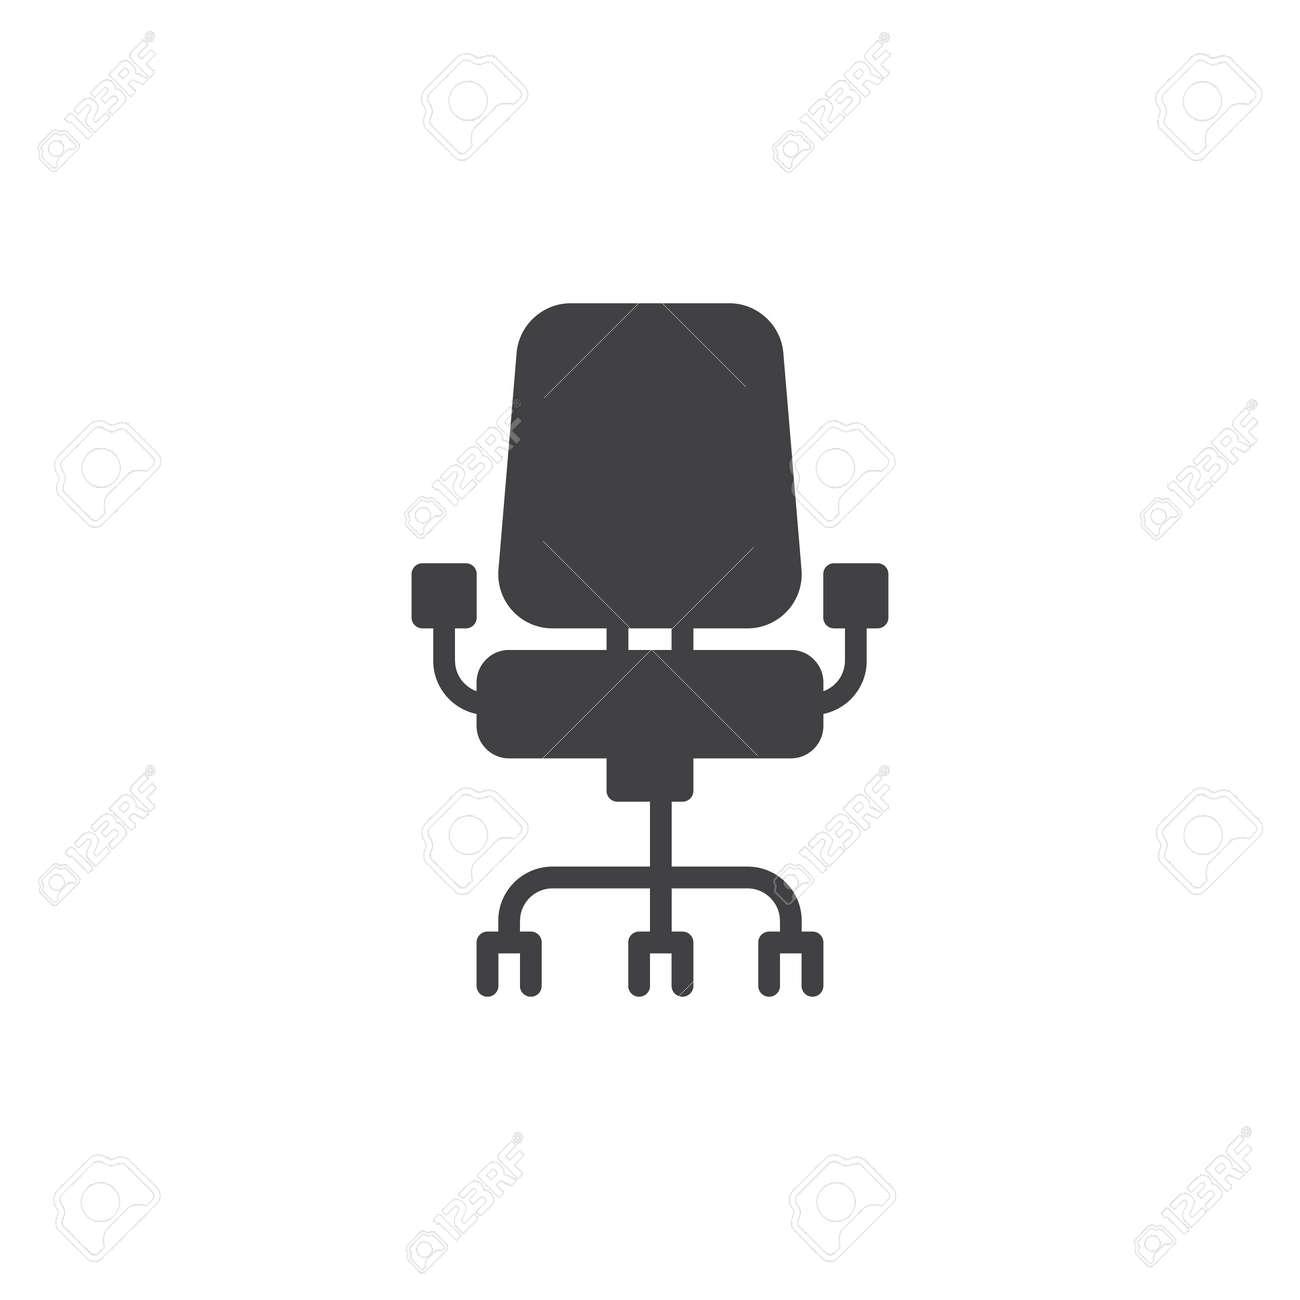 Vecteur Dicone De Chaise Bureau Rempli Signe Plat Pictogramme Solide